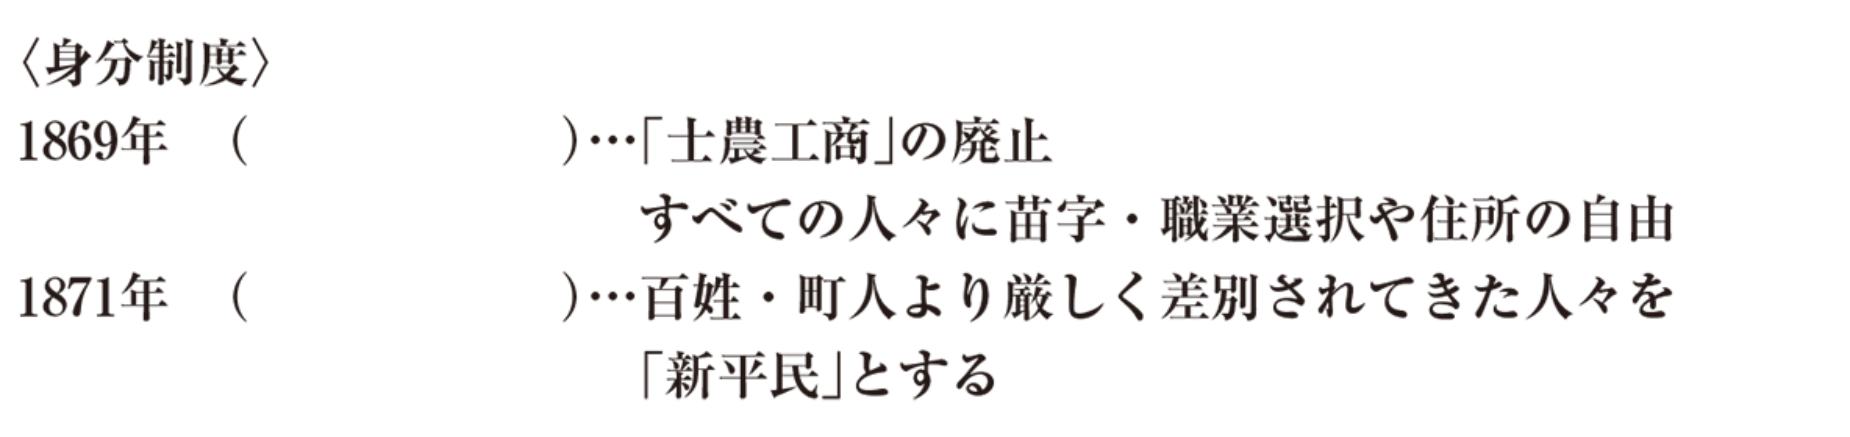 中学歴史44 練習2 最後の3行(<身分制度>という見出し含む),カッコ空欄